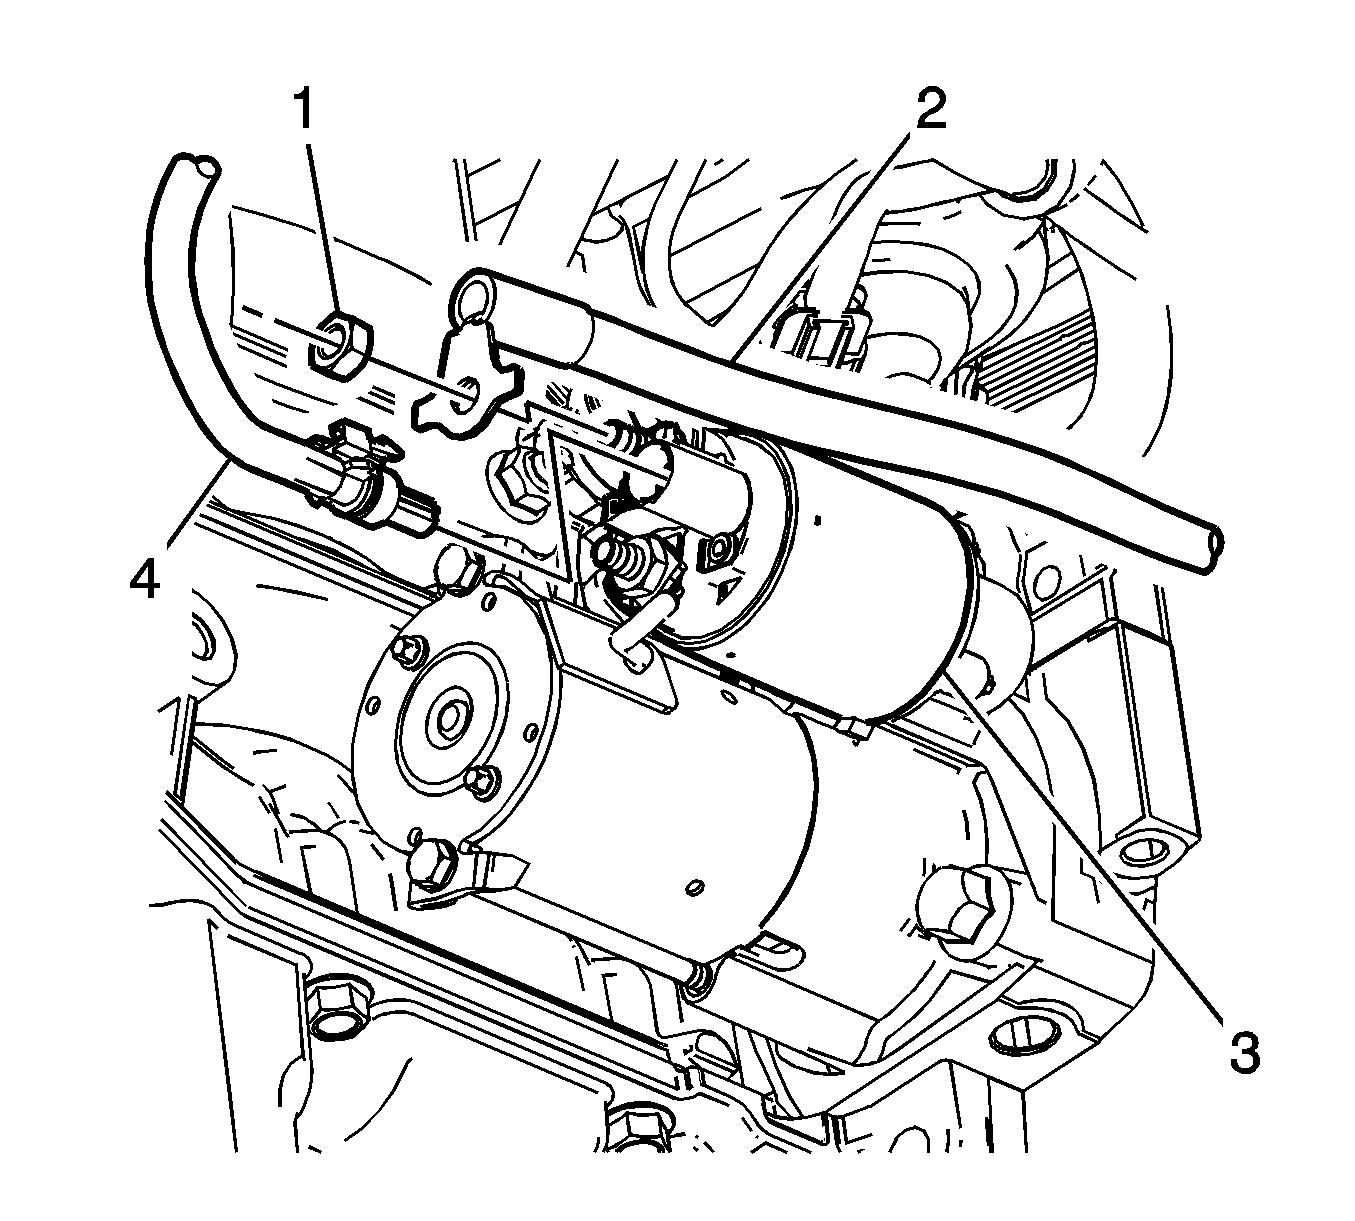 2009 Chevy Cobalt Alternator Wiring Diagram - Wiring Diagram